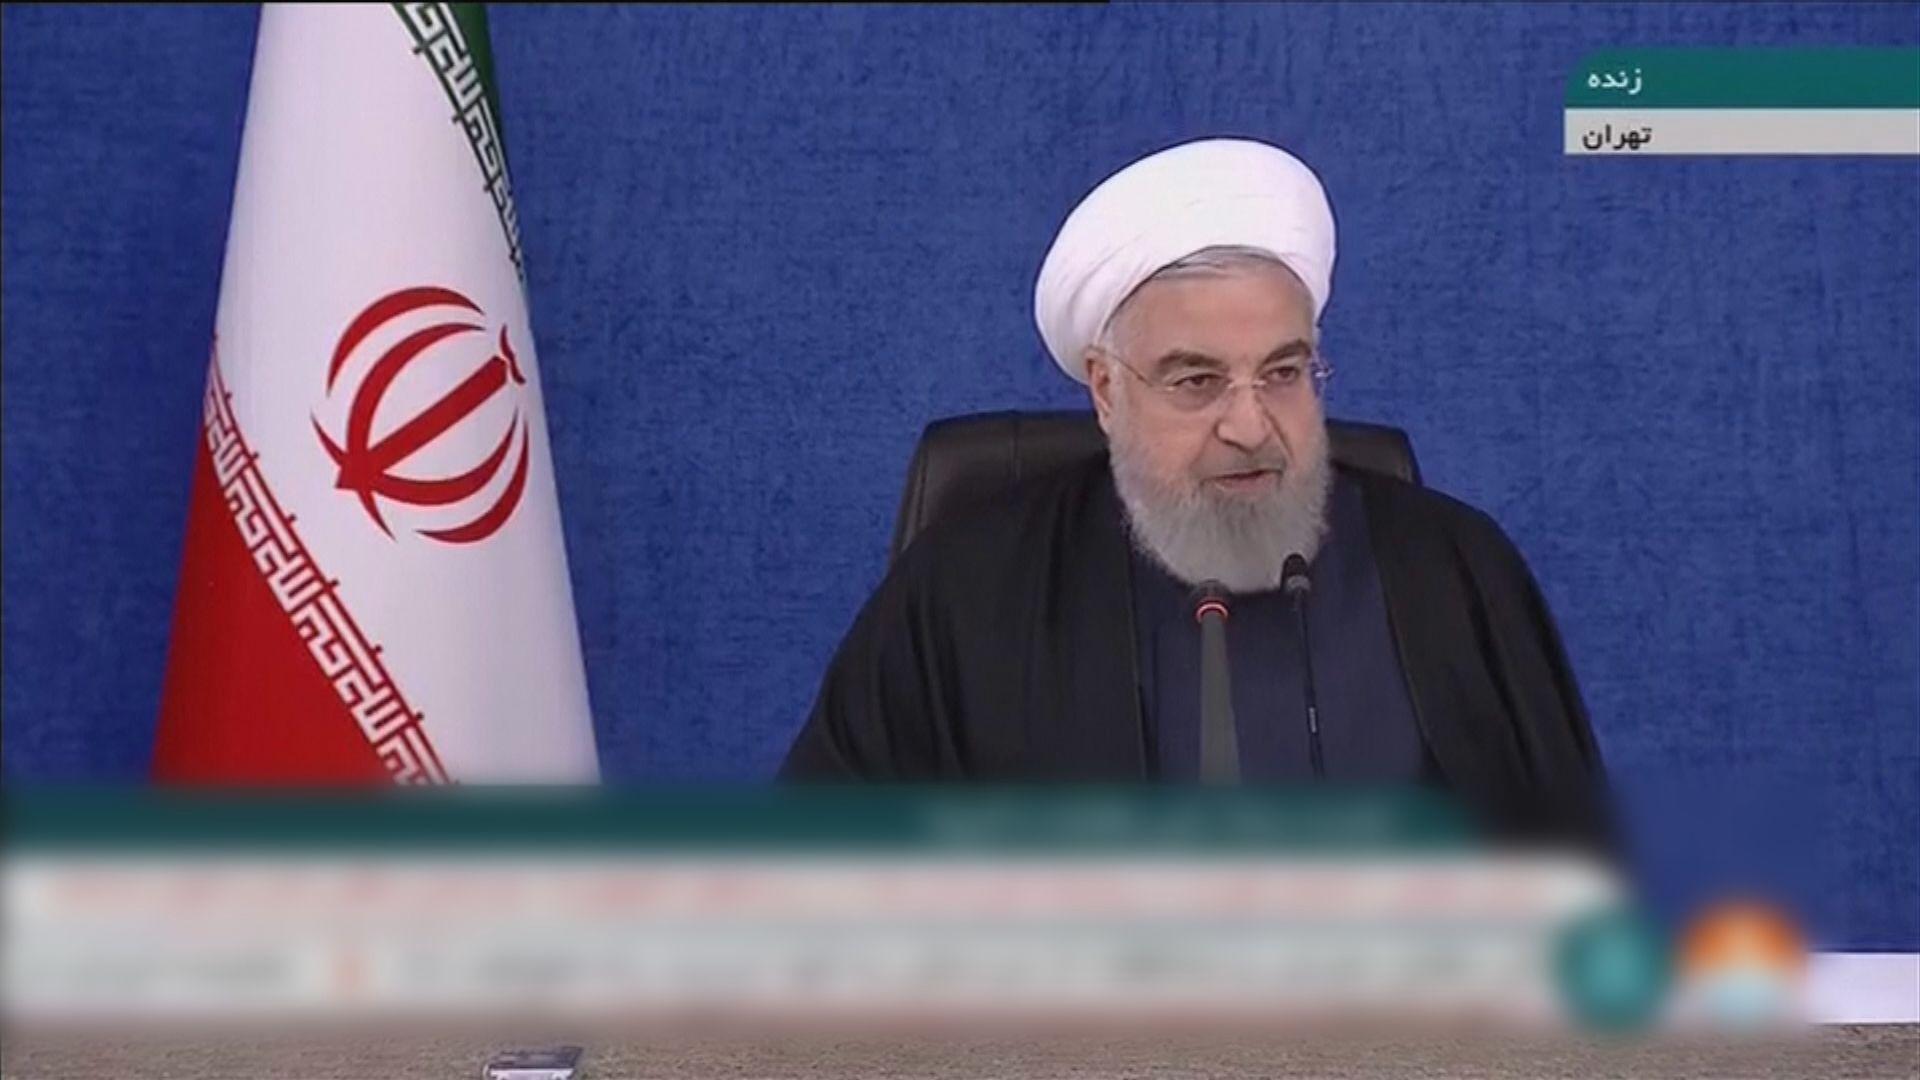 伊朗核子科學家遭暗殺 總統魯哈尼誓言向以色列報復